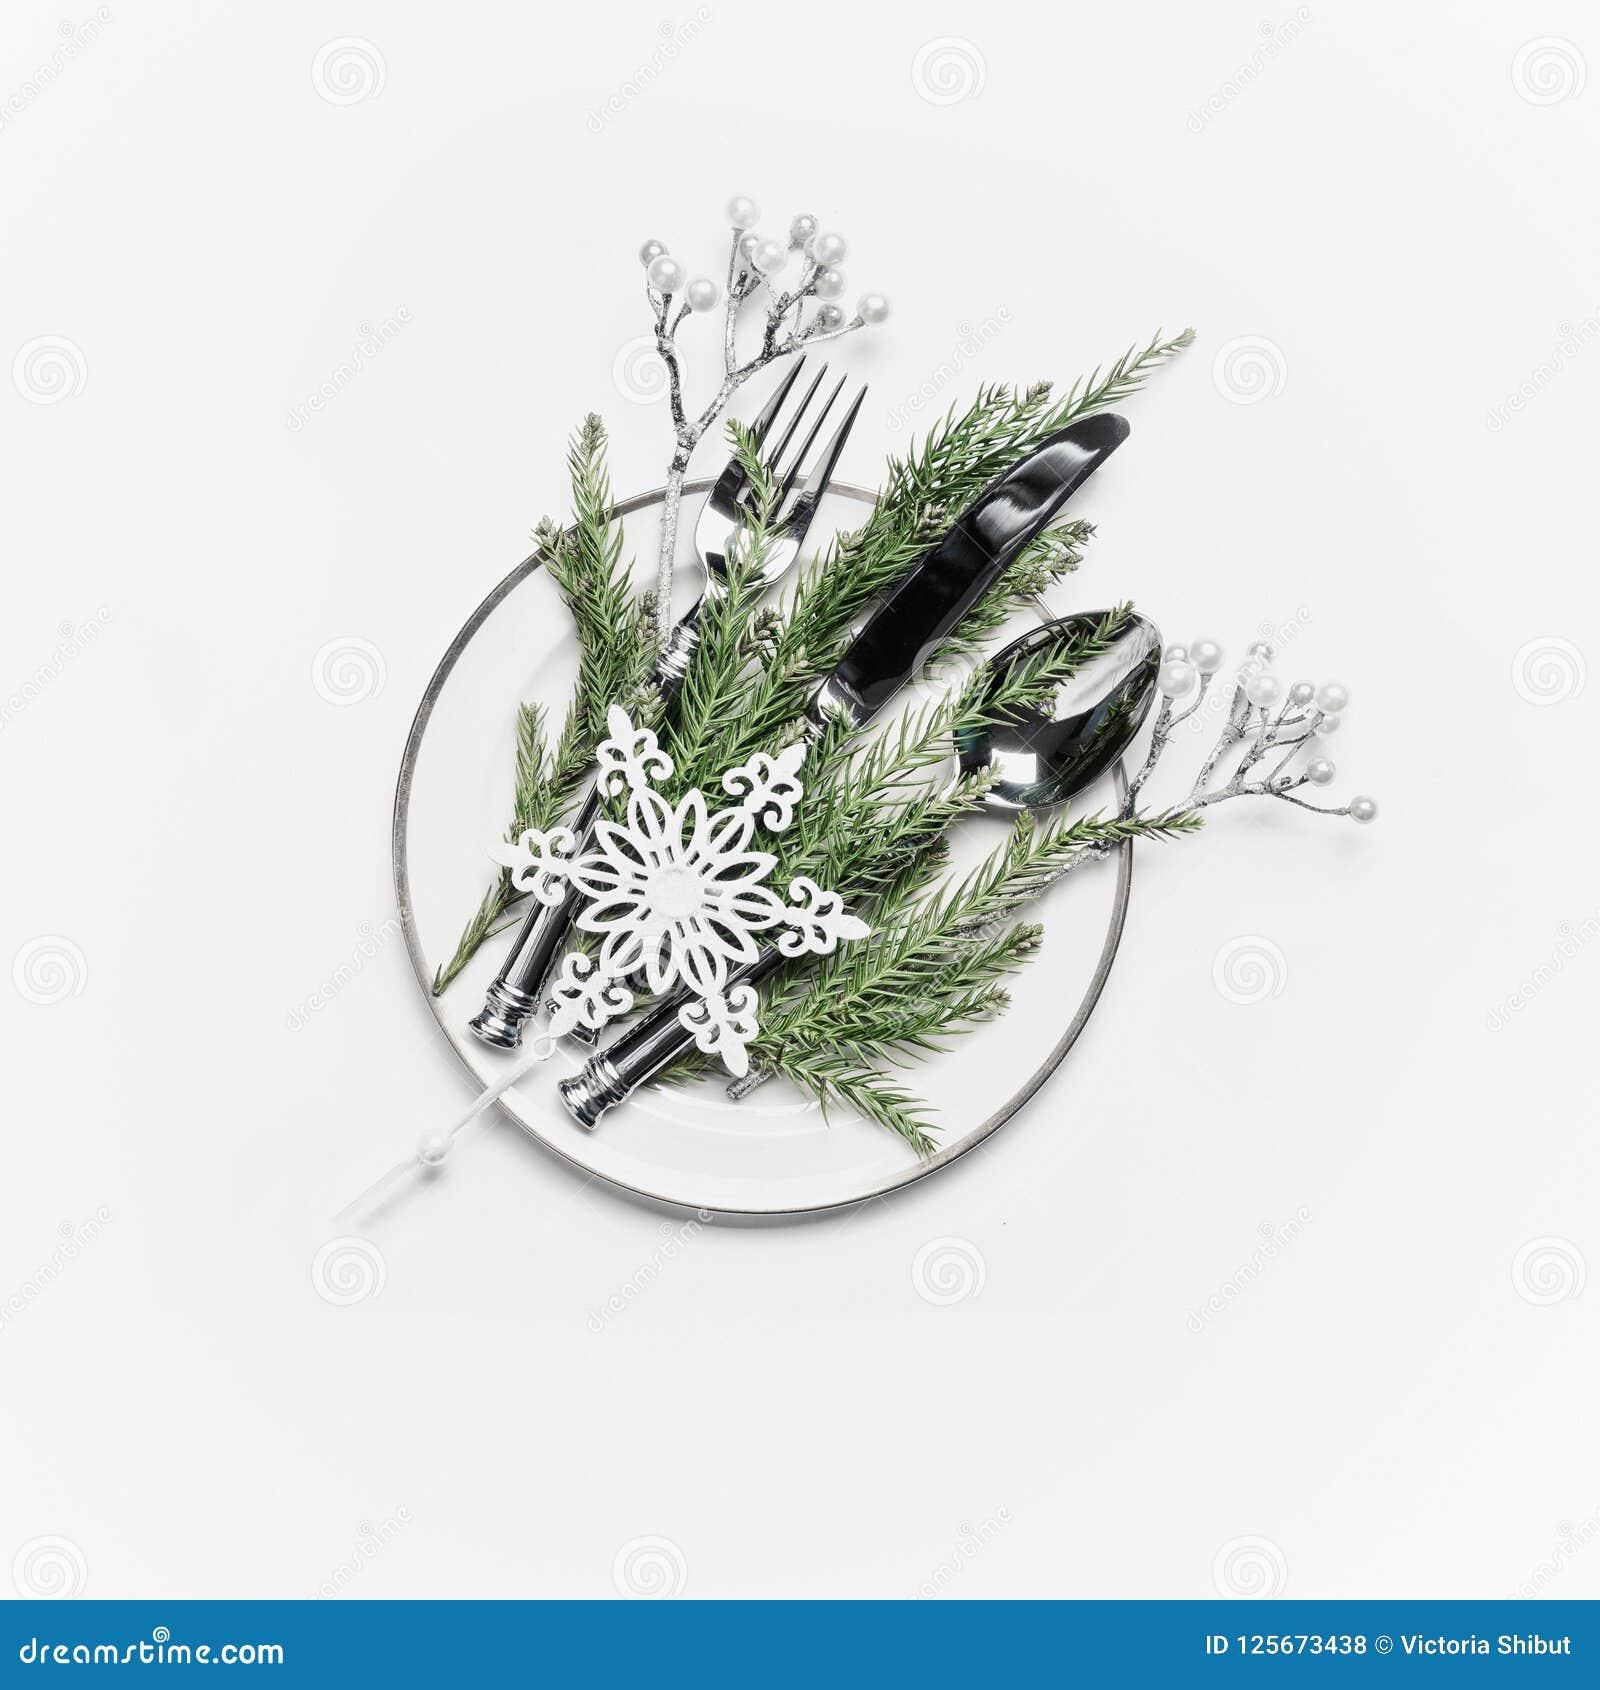 Configuration de table de Noël Plat avec des branches de sapin, des couverts et la décoration de fête de vacances : brindilles et